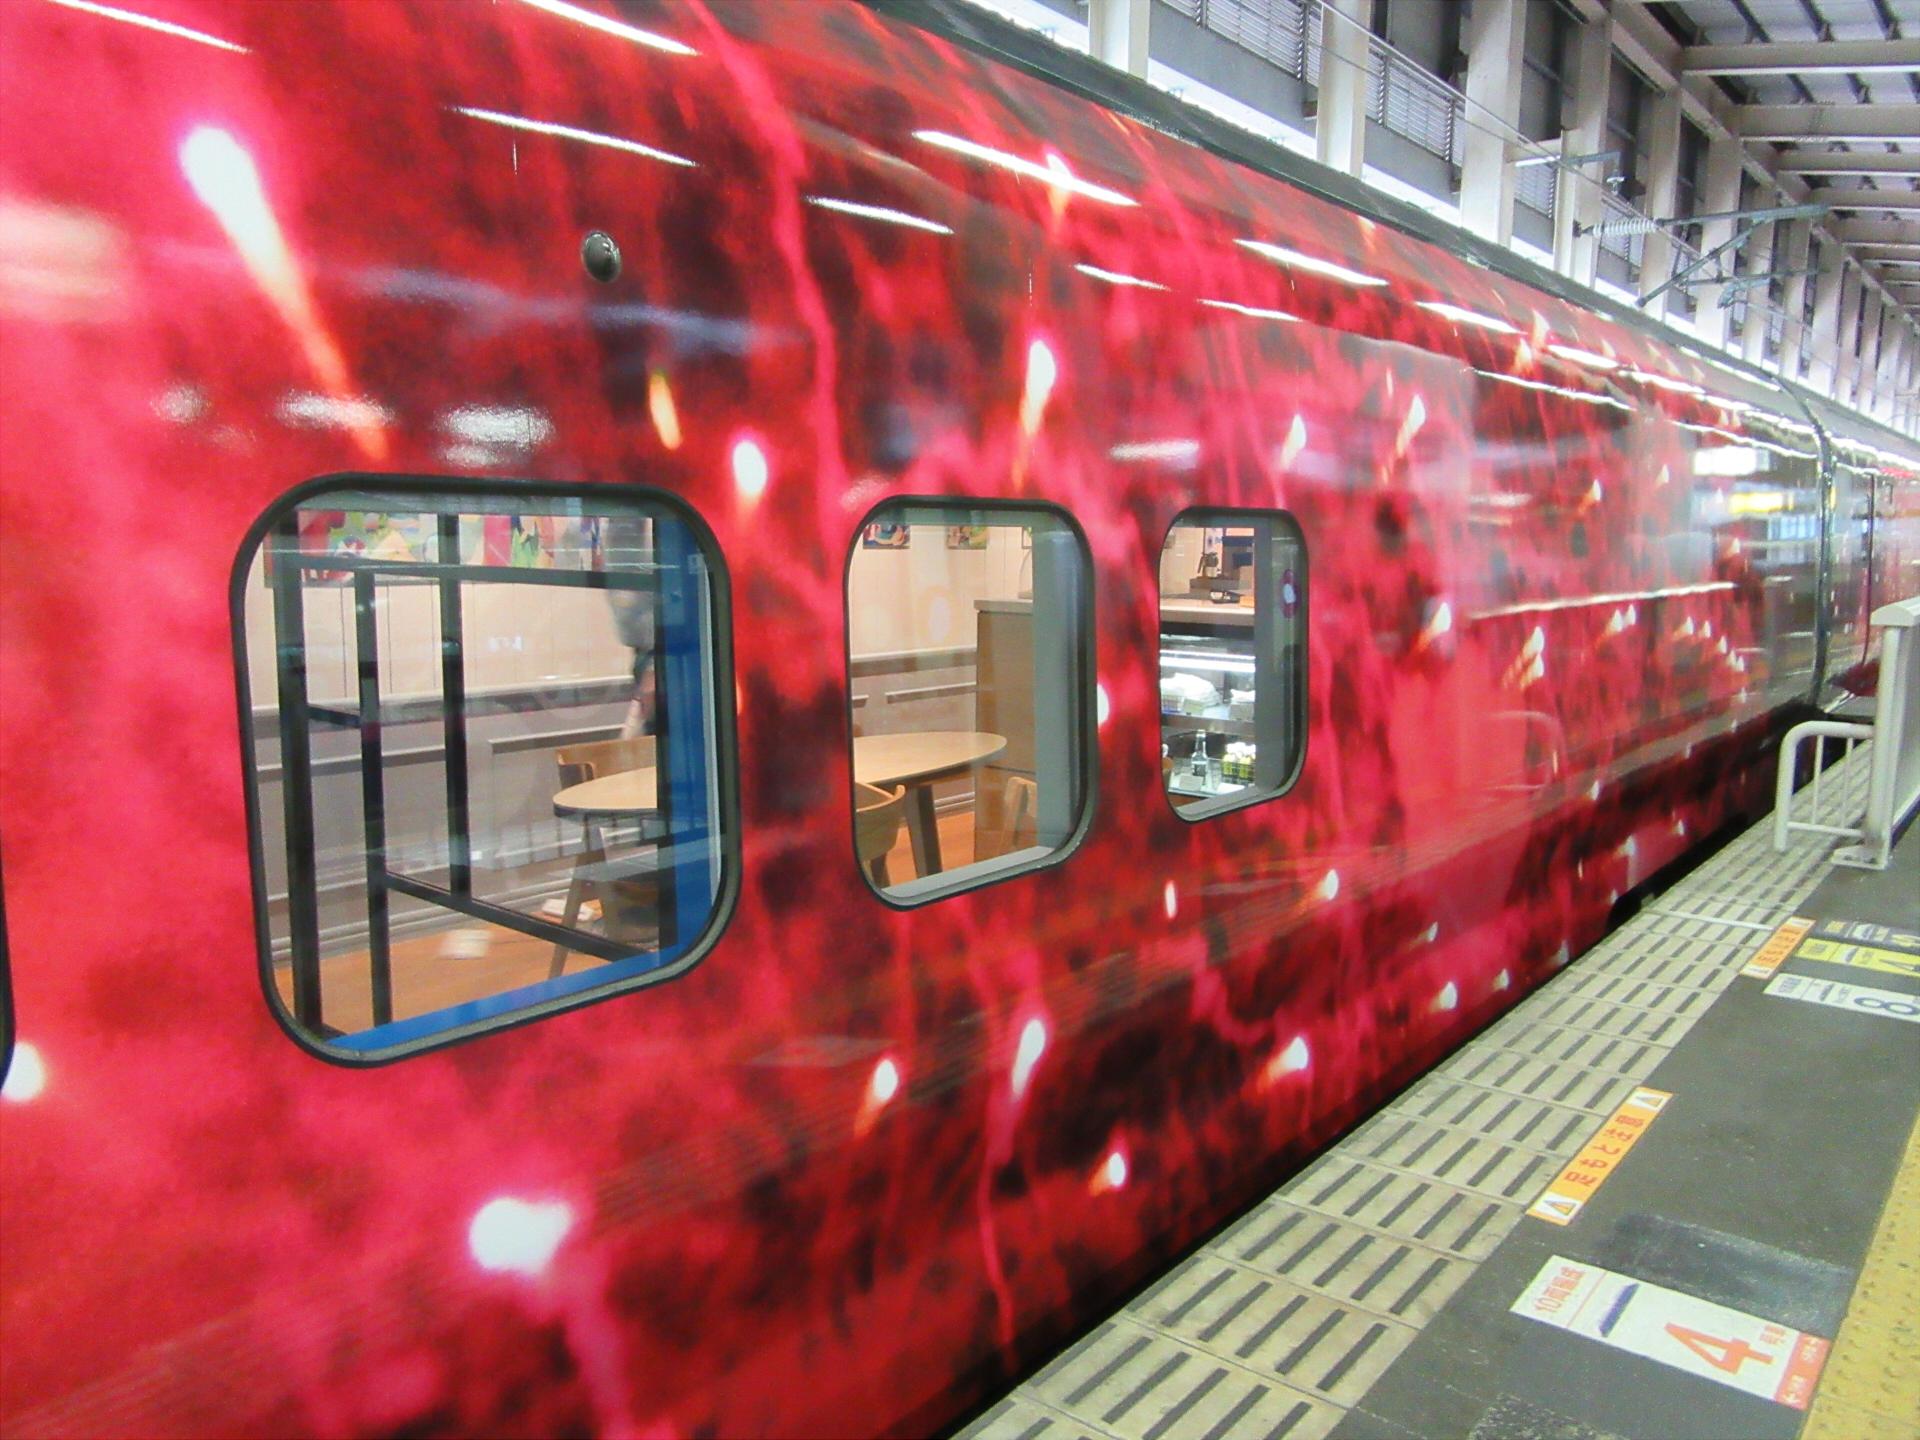 【画像】現美新幹線の車体1